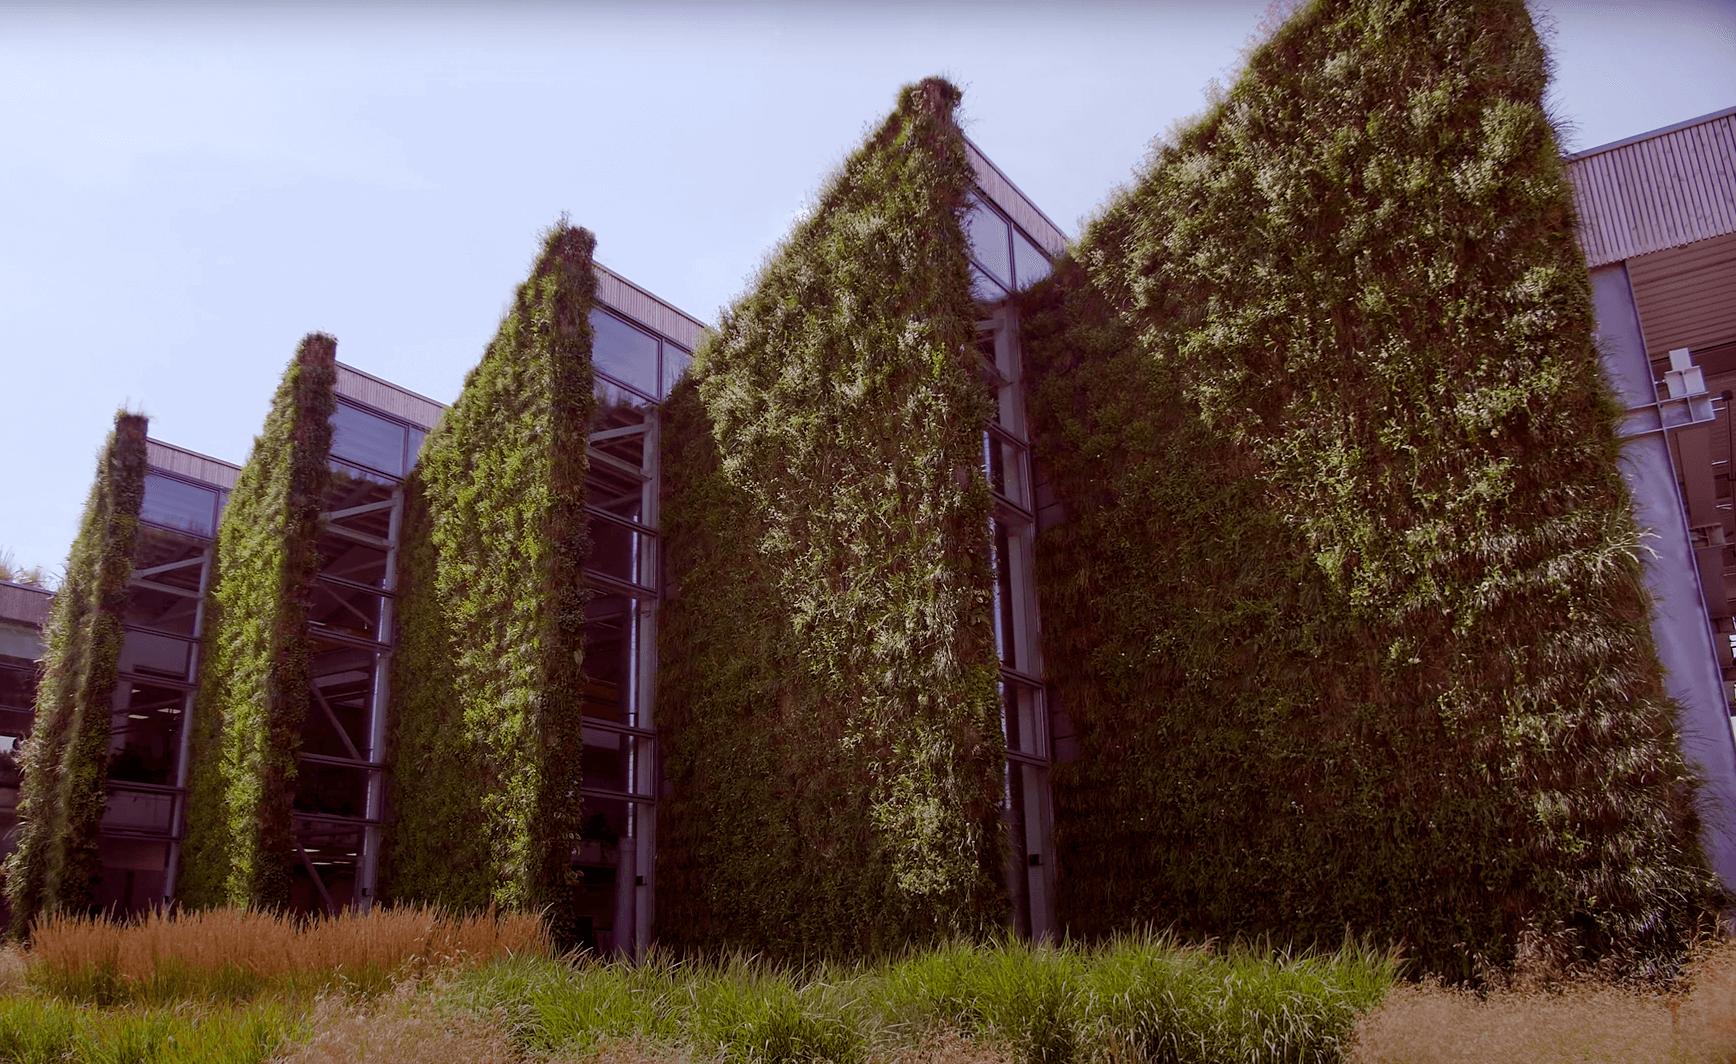 Zöldben pompázó vállalati központunk a kamera szemével